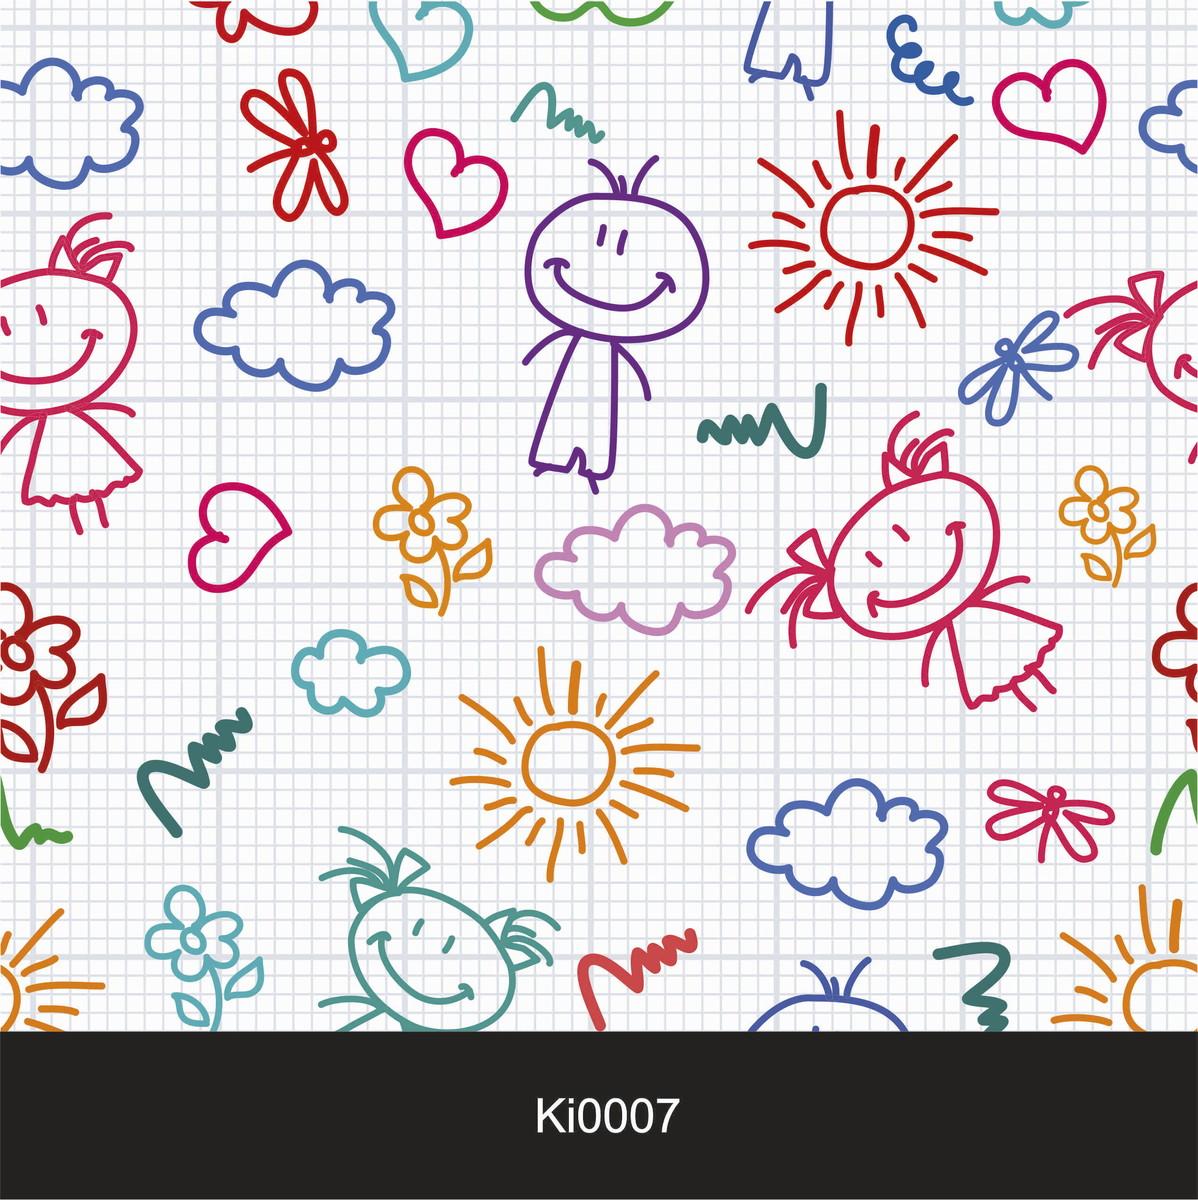 Papel de parede infantil ki0007 colando arte papel de for Papel vinilico infantil